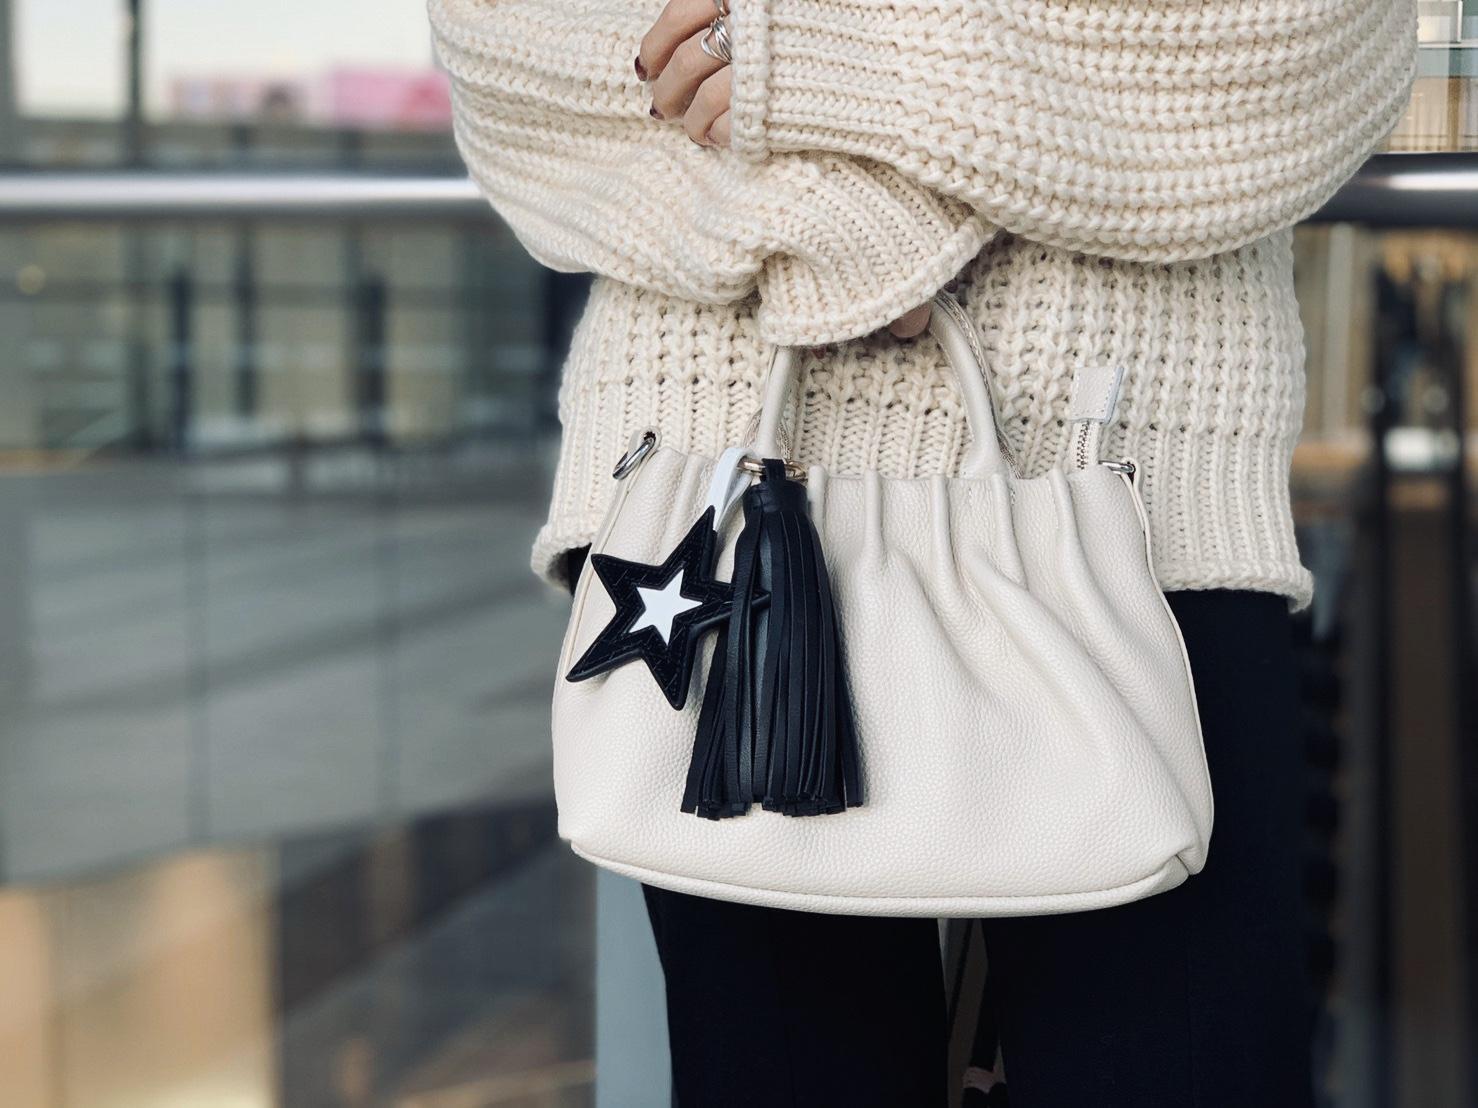 スクラップブック 渋谷 ヒカリエ バッグ bag ショルダーバッグ ハンドバッグ 2way 牛革 小さめ